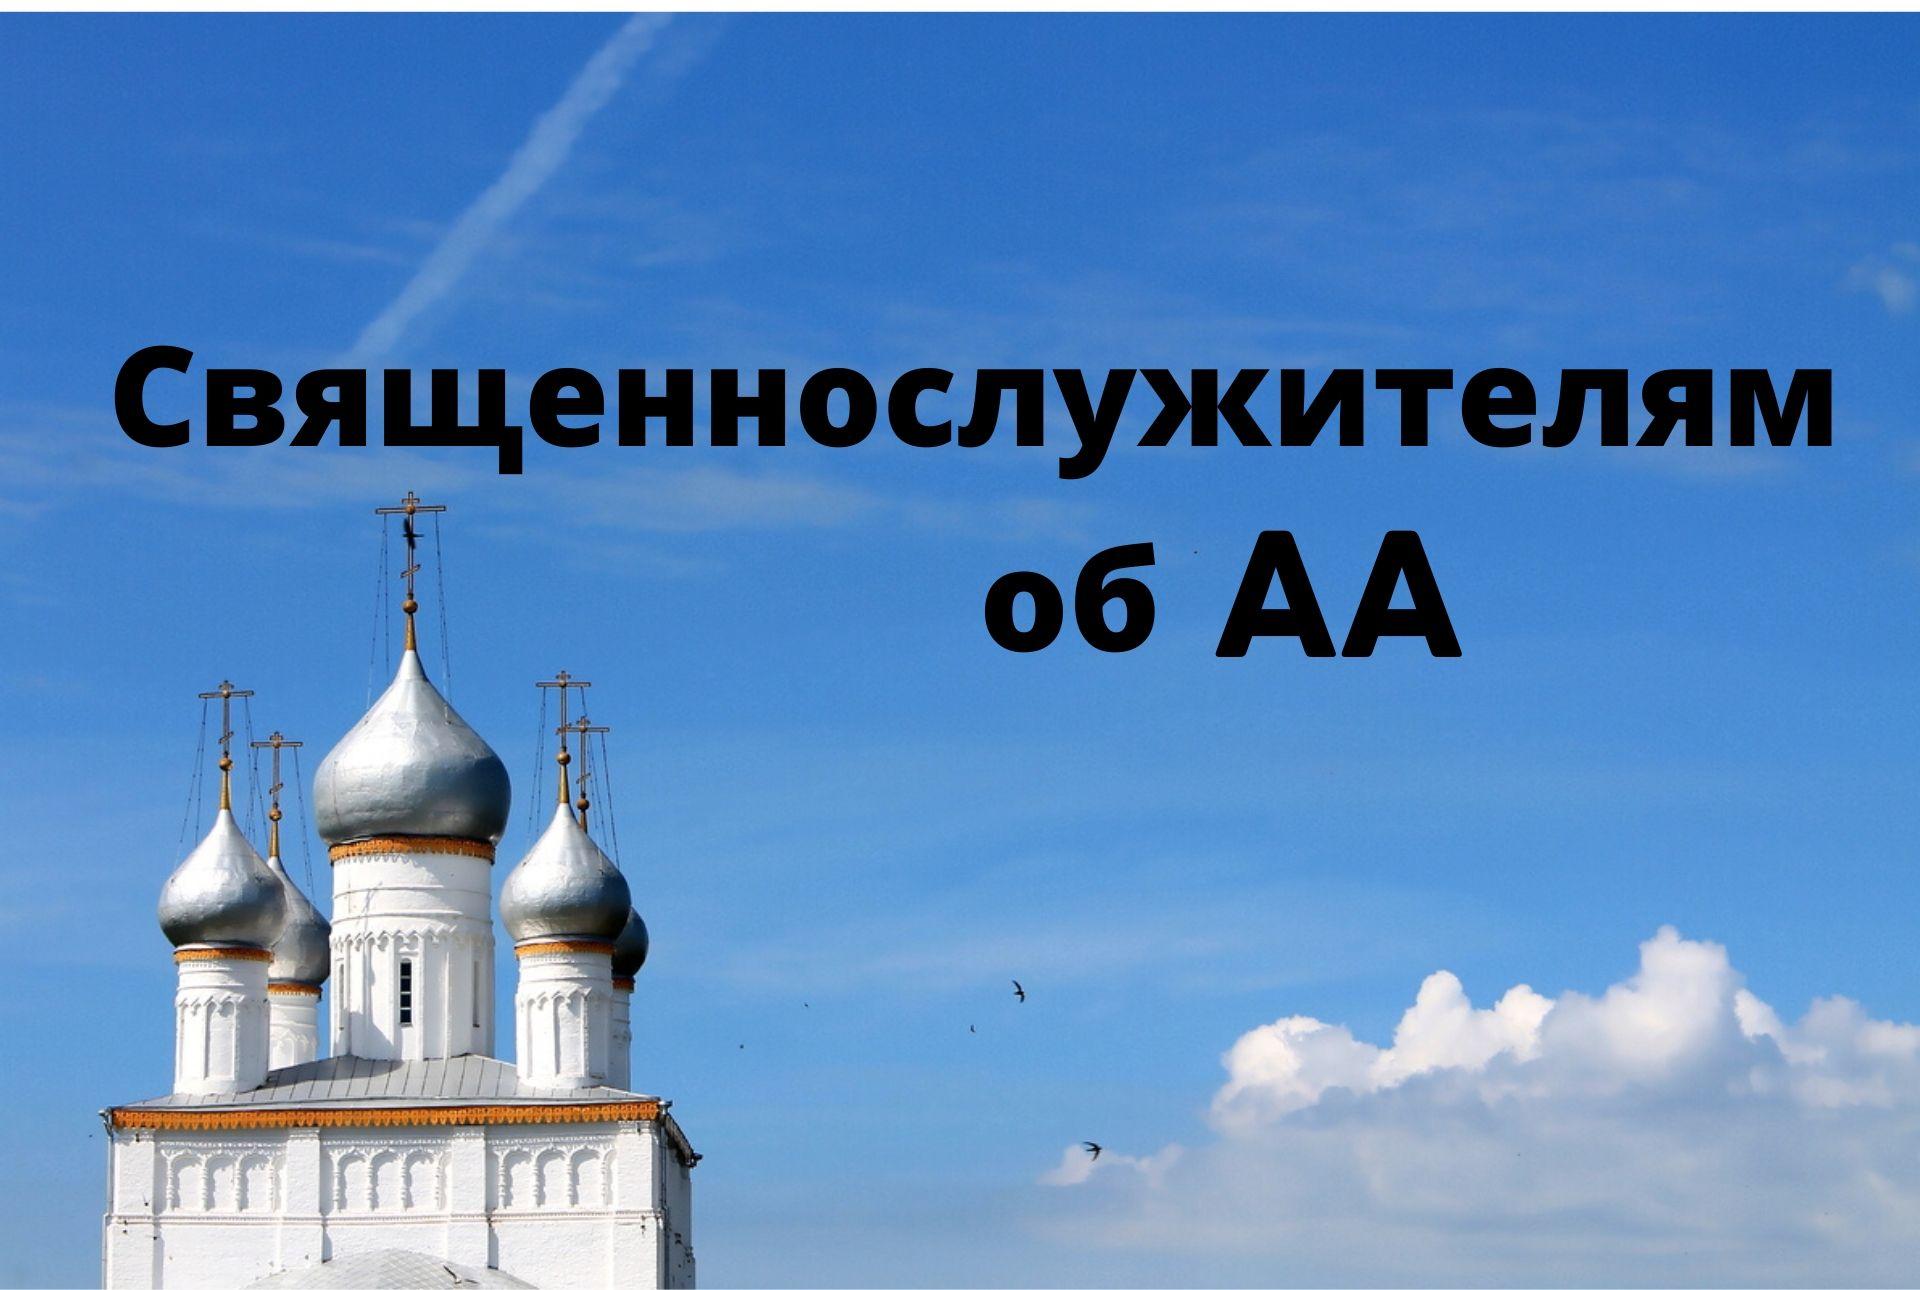 Что такое АА? Как оно работает?